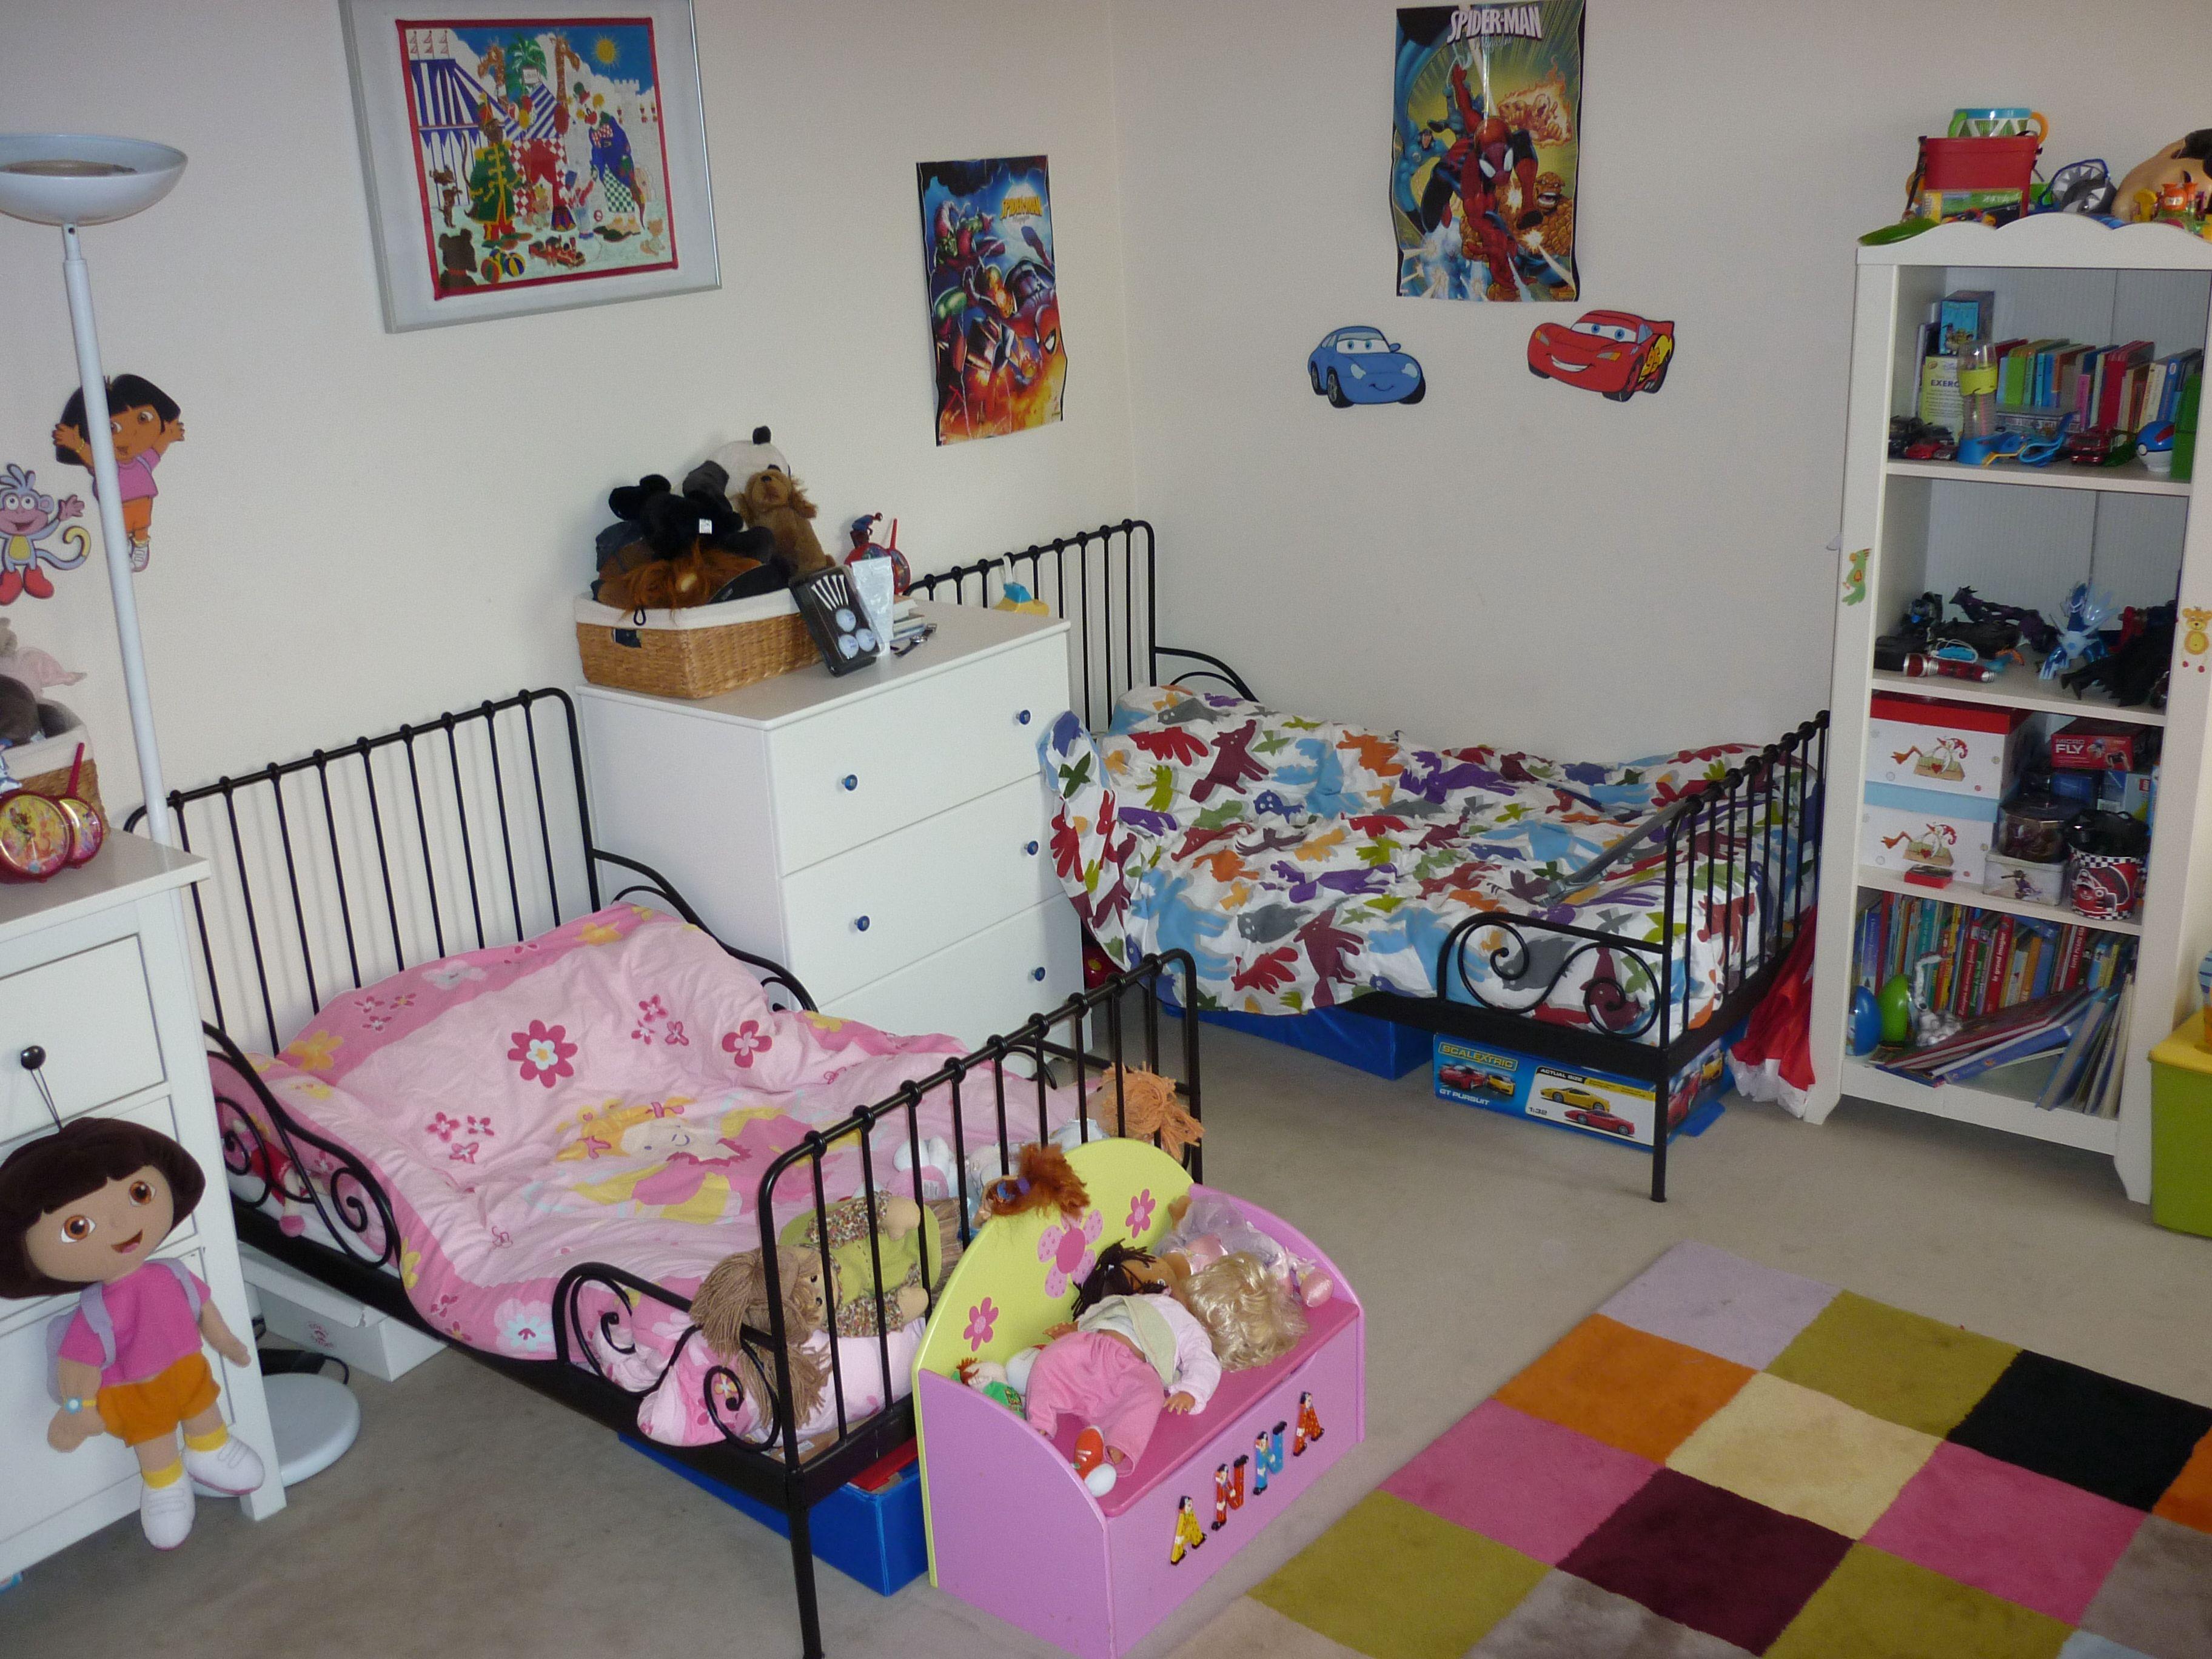 Une chambre deux enfants deux espaces La déco décodée